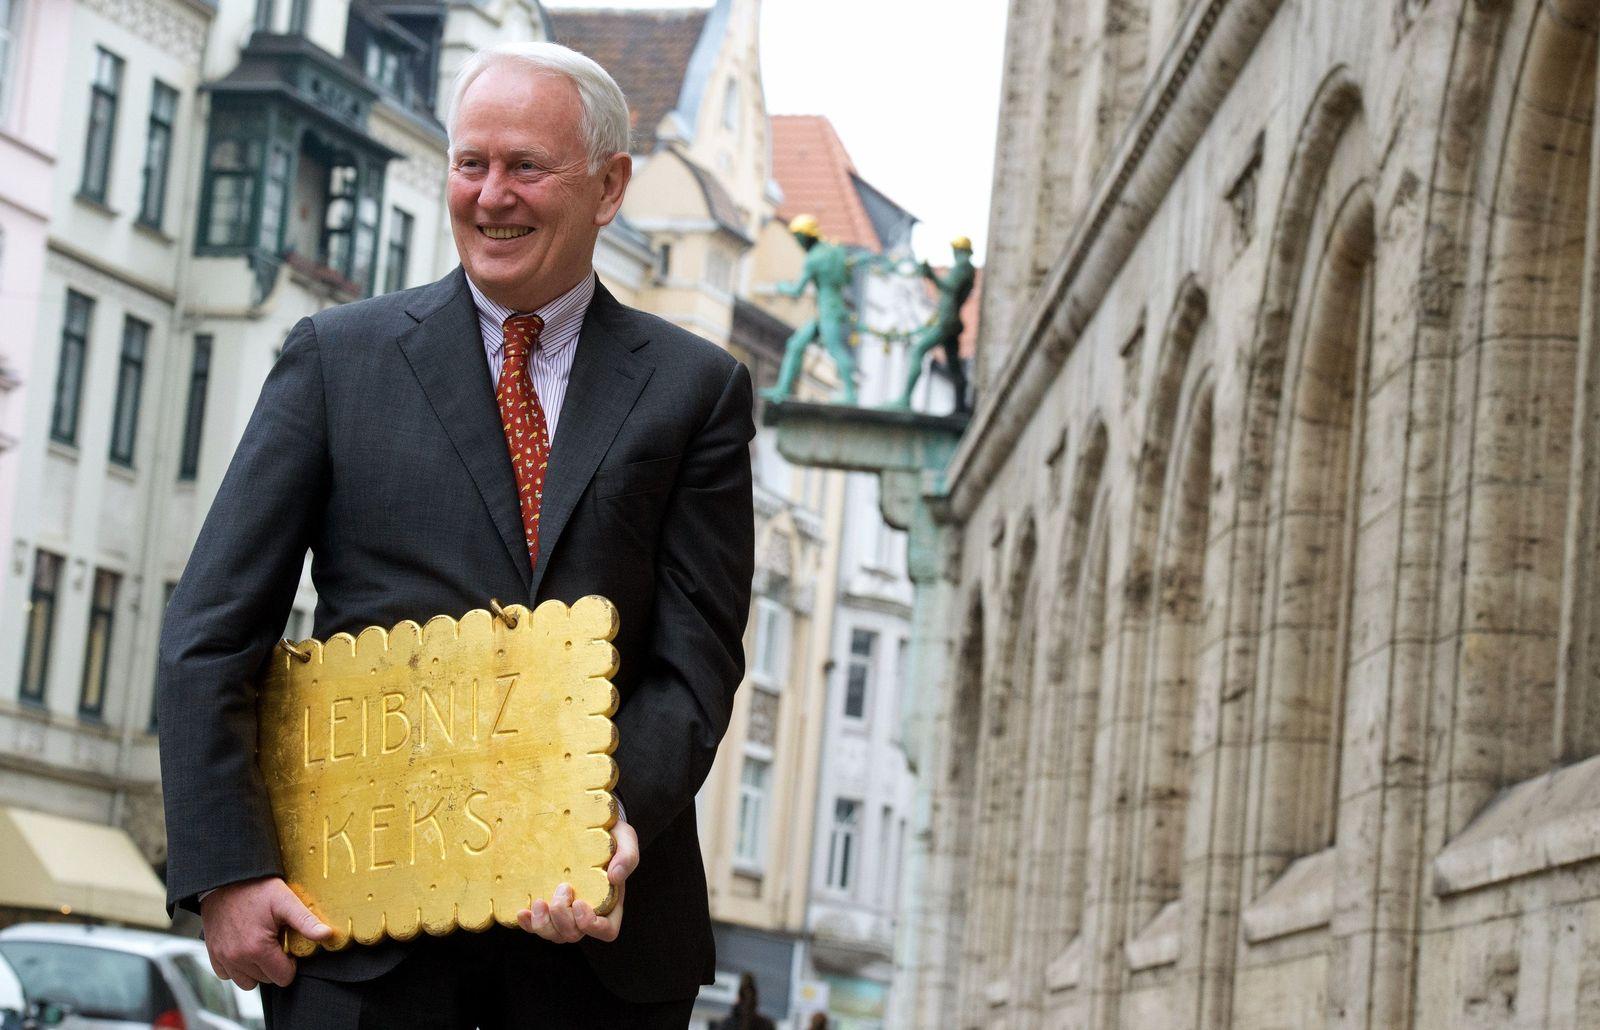 Goldenen Leibniz-Keks